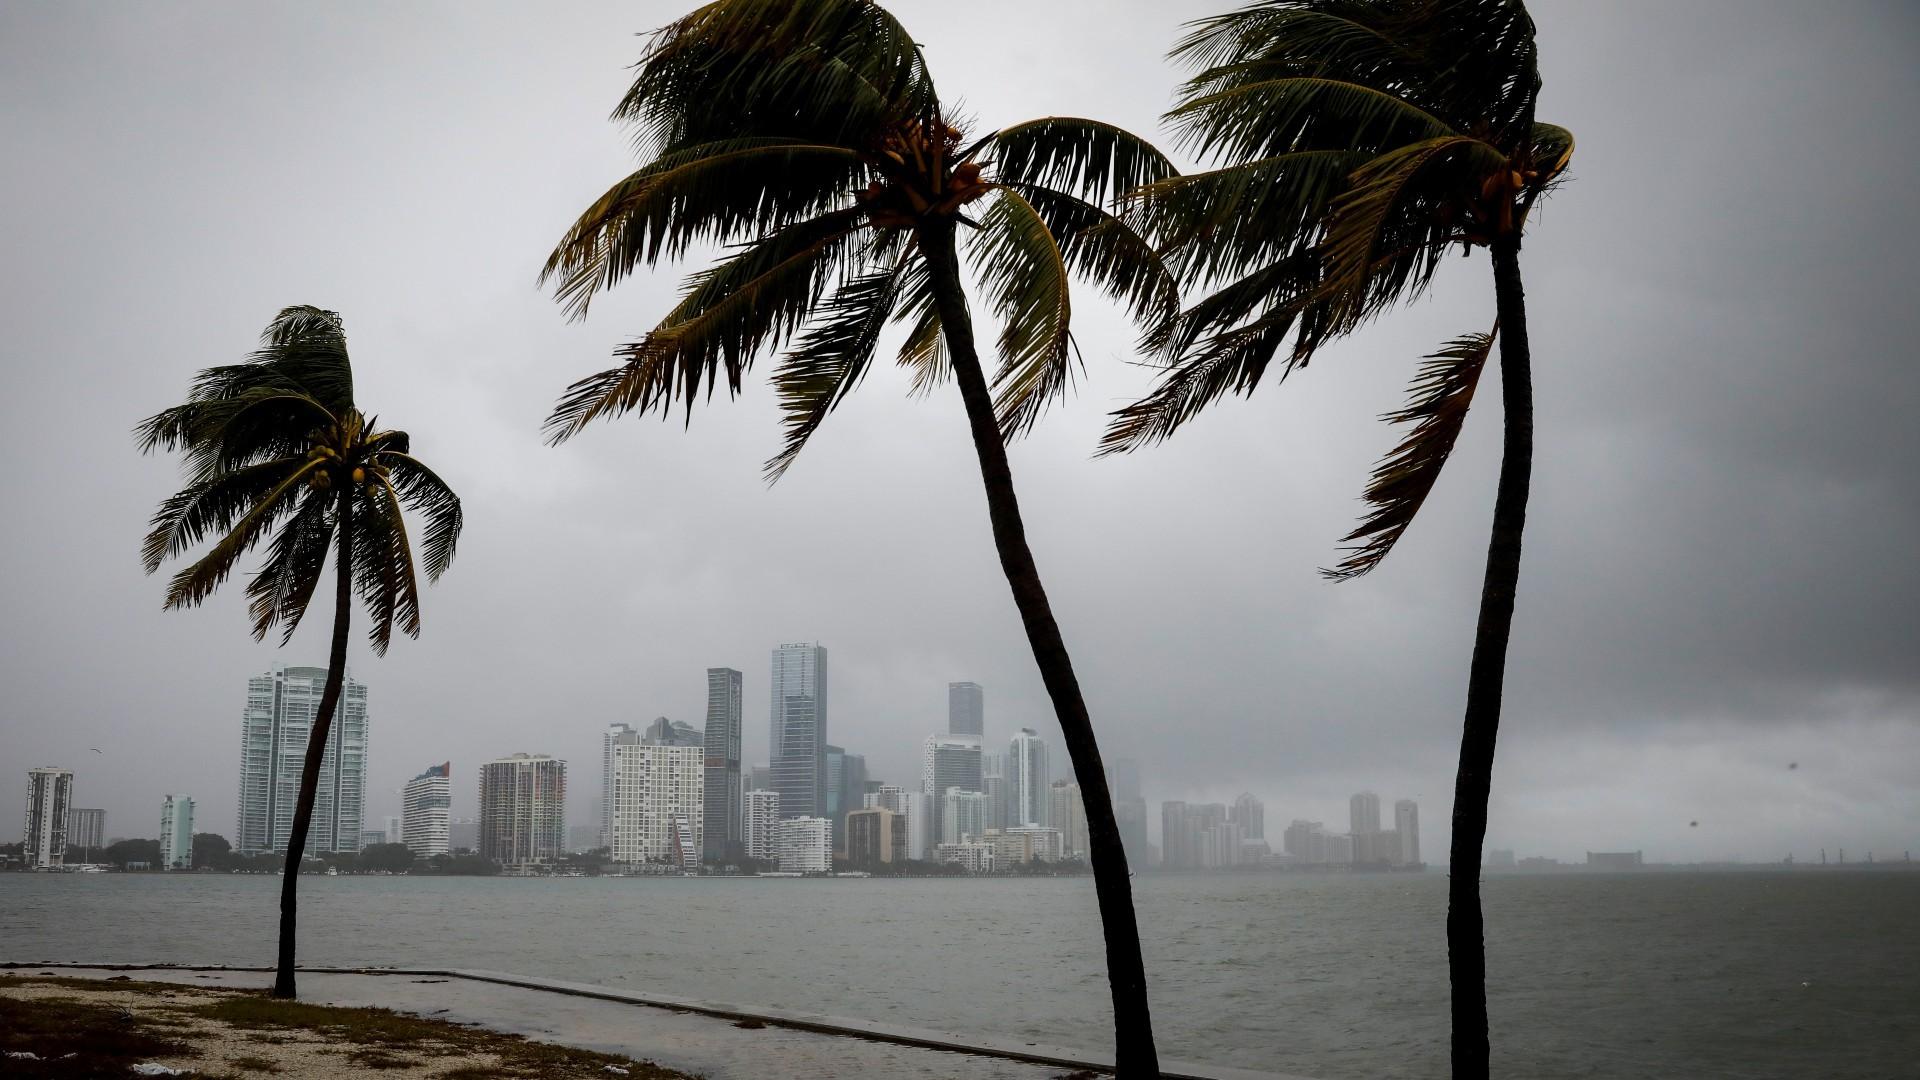 Huracán Iota impactará Centroamérica luego del catastrófico paso de Eta